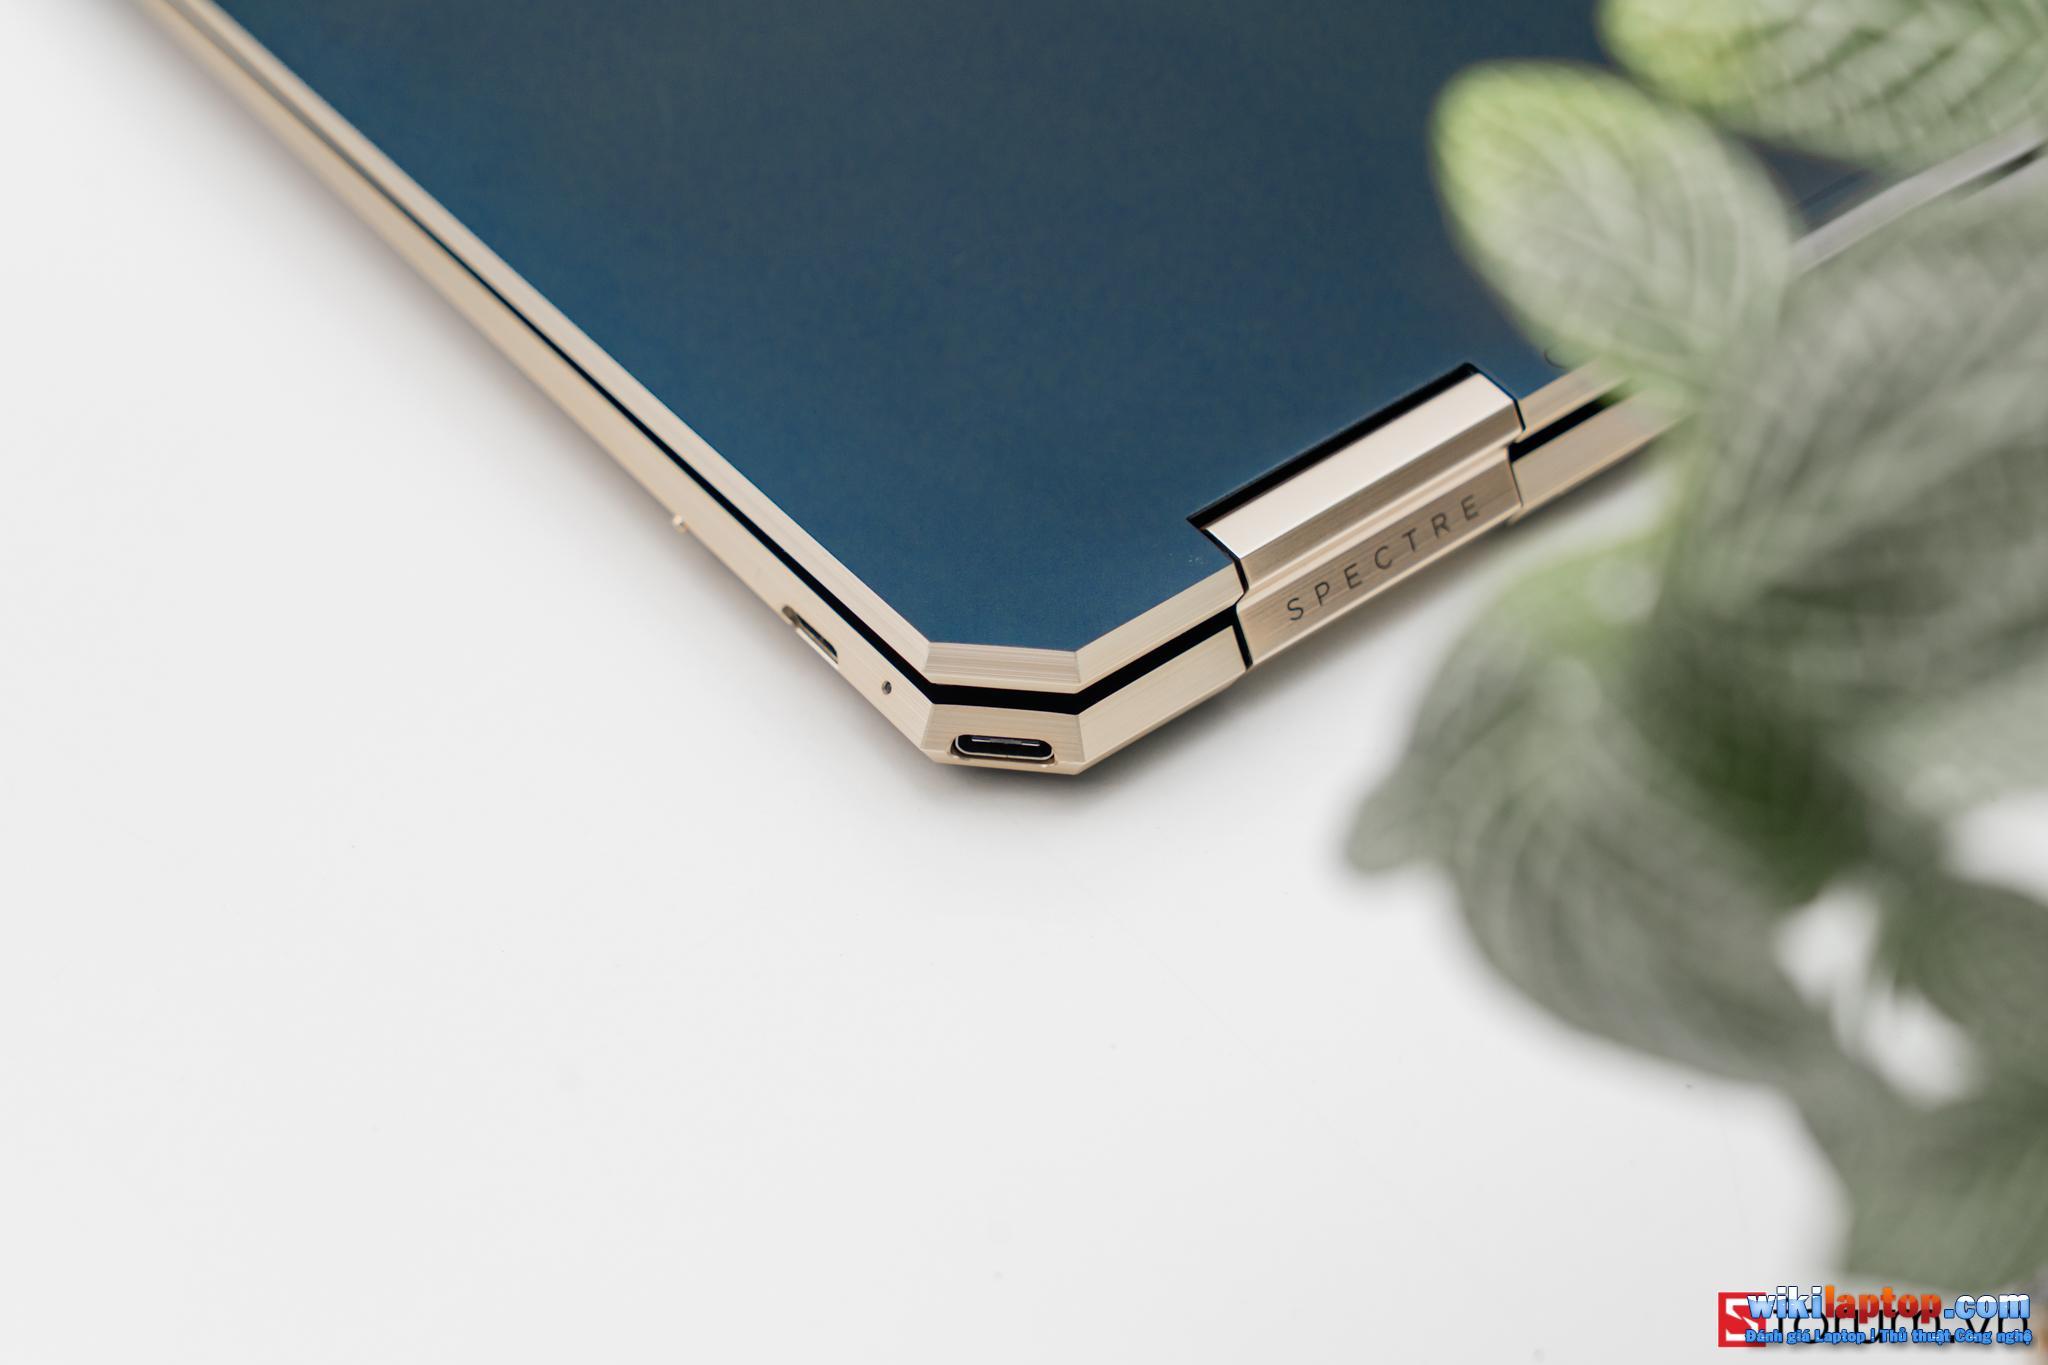 Sforum - Trang thông tin công nghệ mới nhất CPS-HP-Specter-X360-13-66 Đánh giá chi tiết HP Spectre x360 13: Cái gì bên trong một chiếc Laptop có giá gần 50 triệu HP?